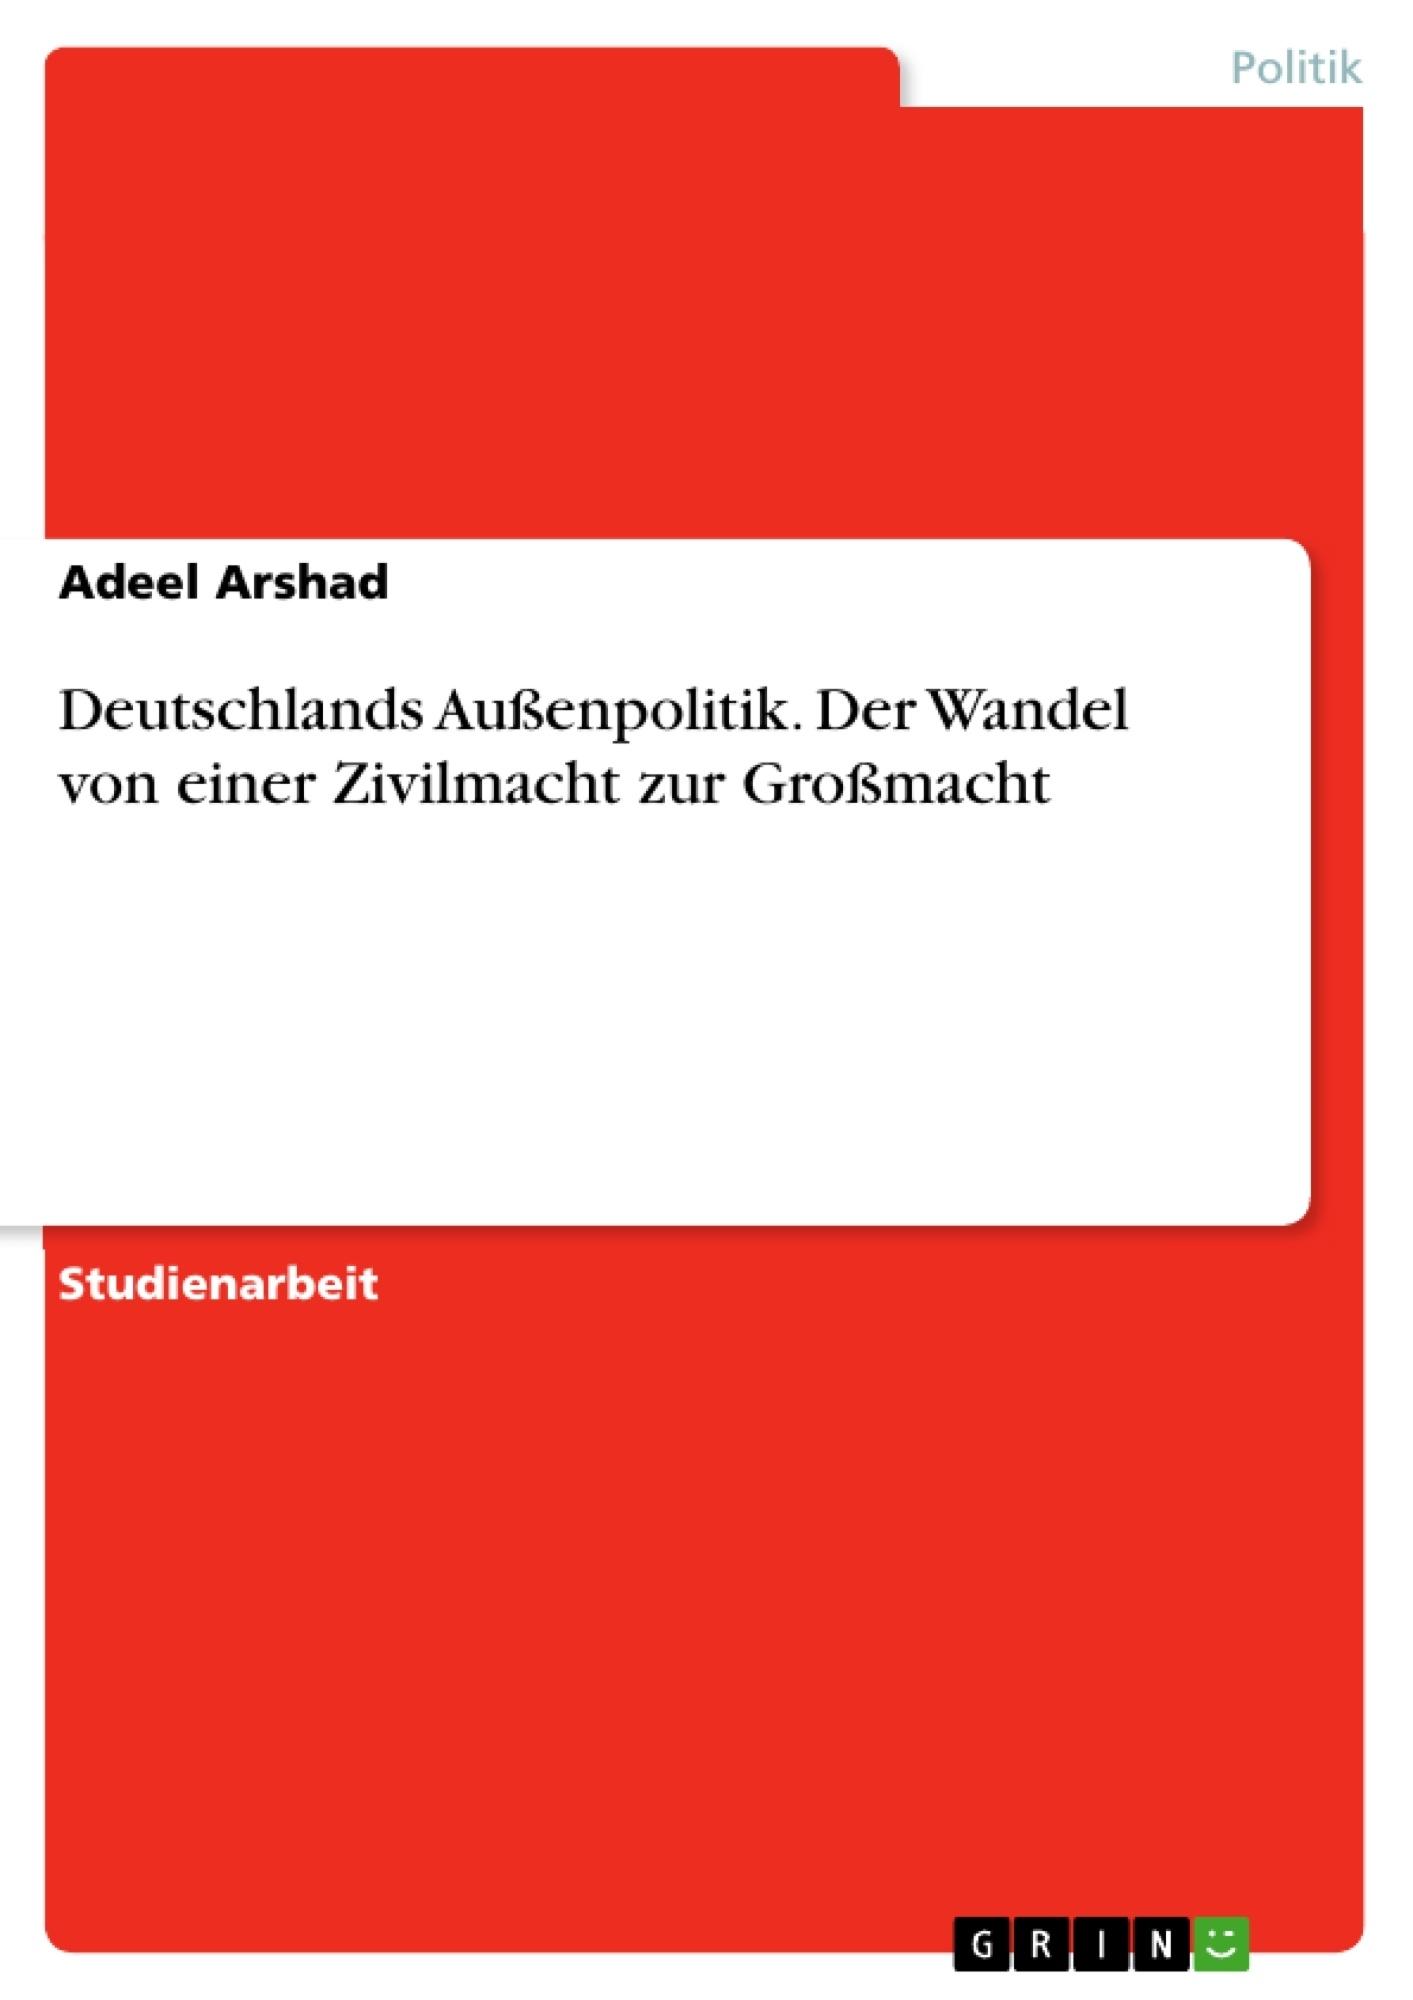 Titel: Deutschlands Außenpolitik. Der Wandel von einer Zivilmacht zur Großmacht